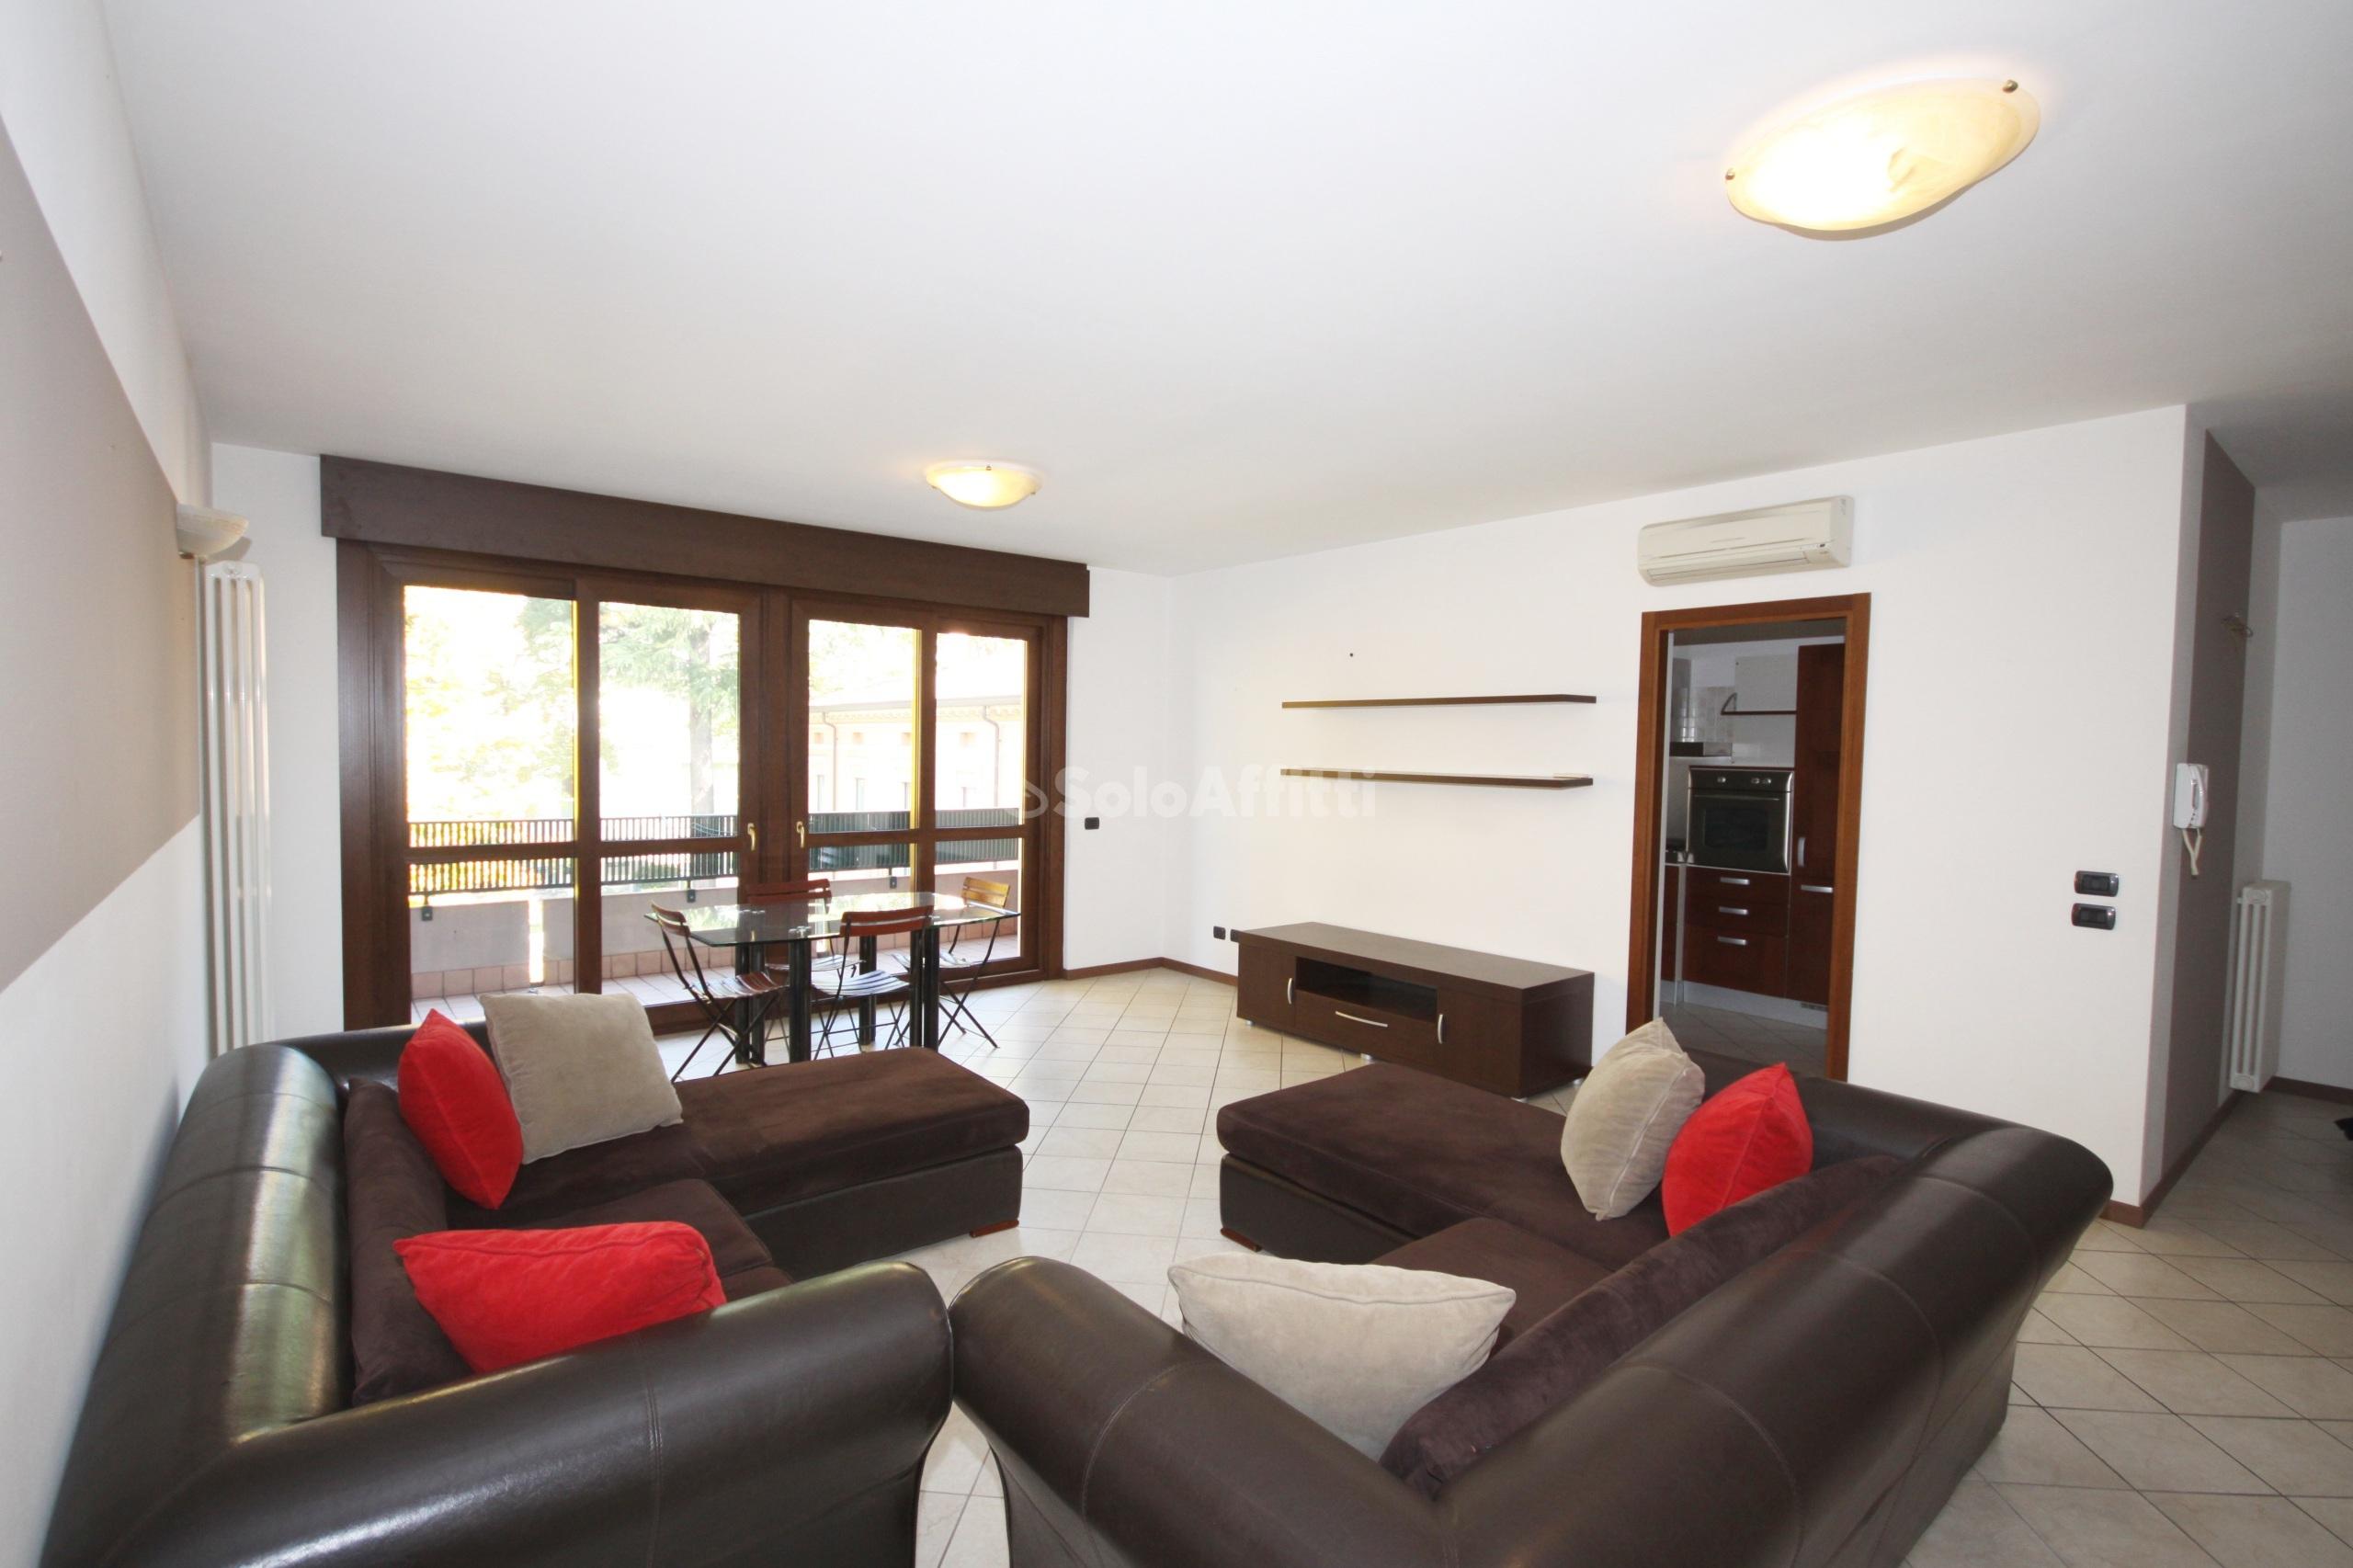 Affitto case verona affitto appartamenti ville solo for Appartamenti arredati in affitto a verona